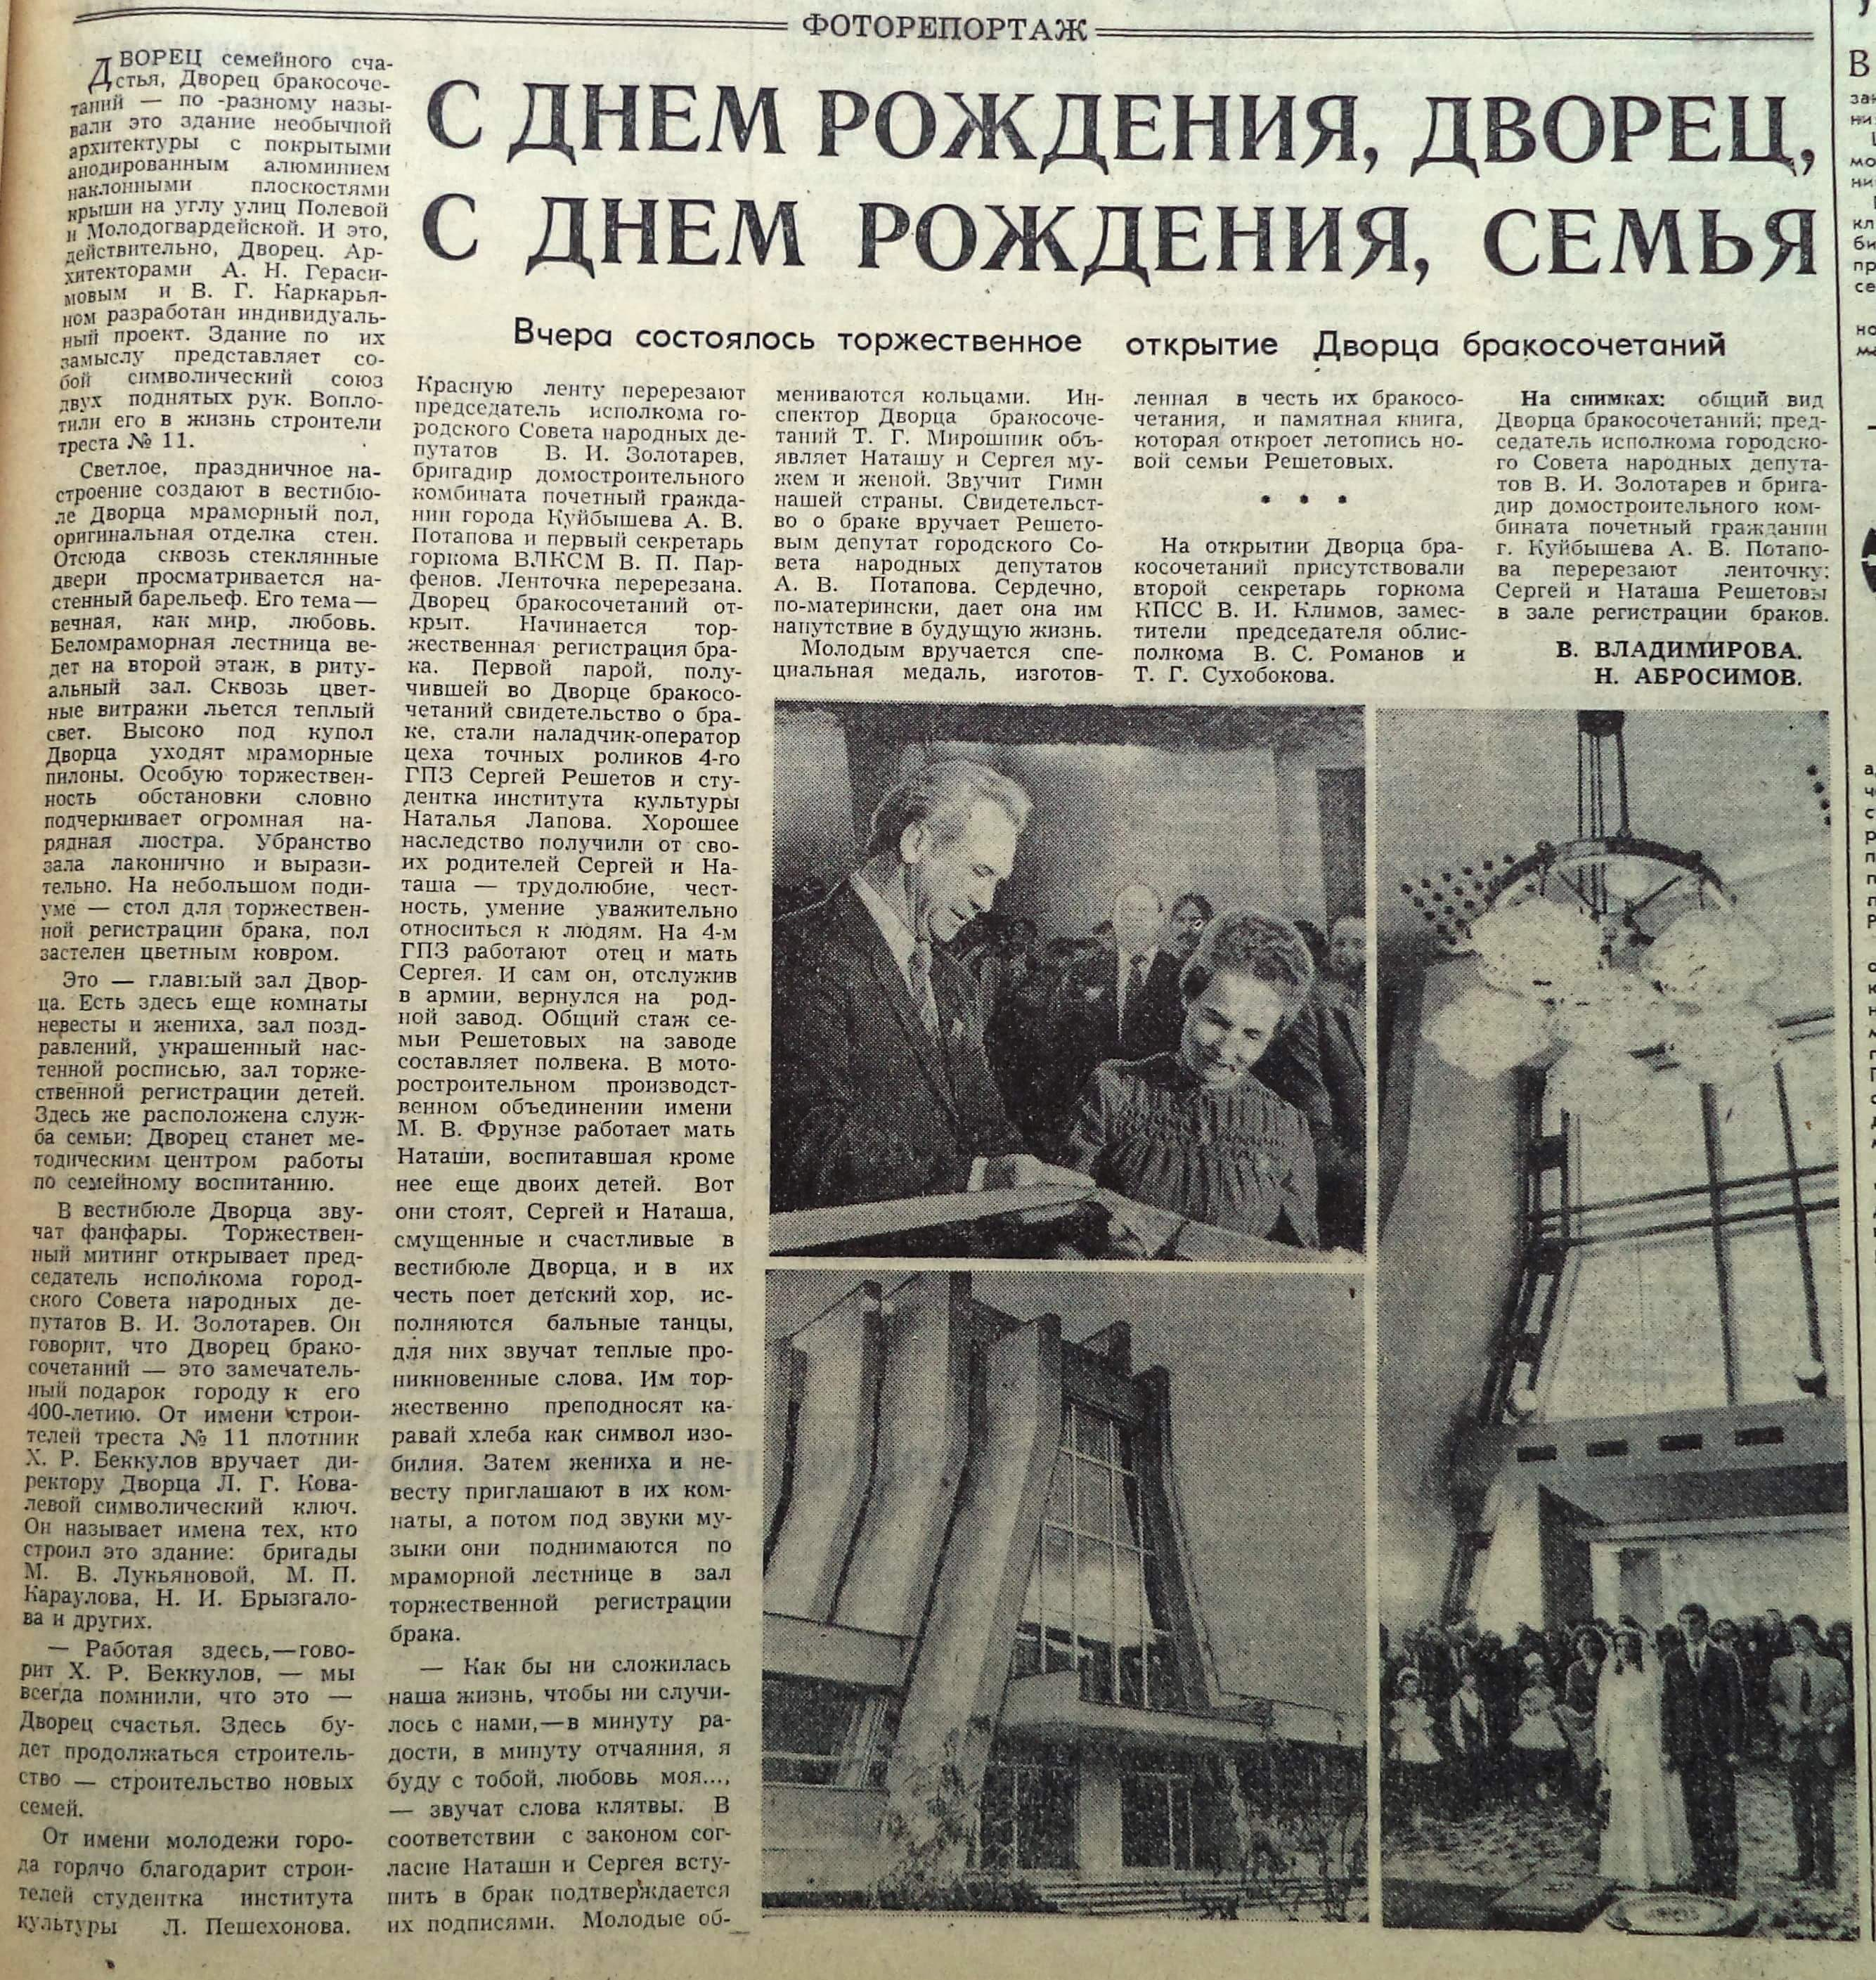 Полевая-ФОТО-63-ВЗя-1984-01-19-открытие дворца бракосочетаний Теремок